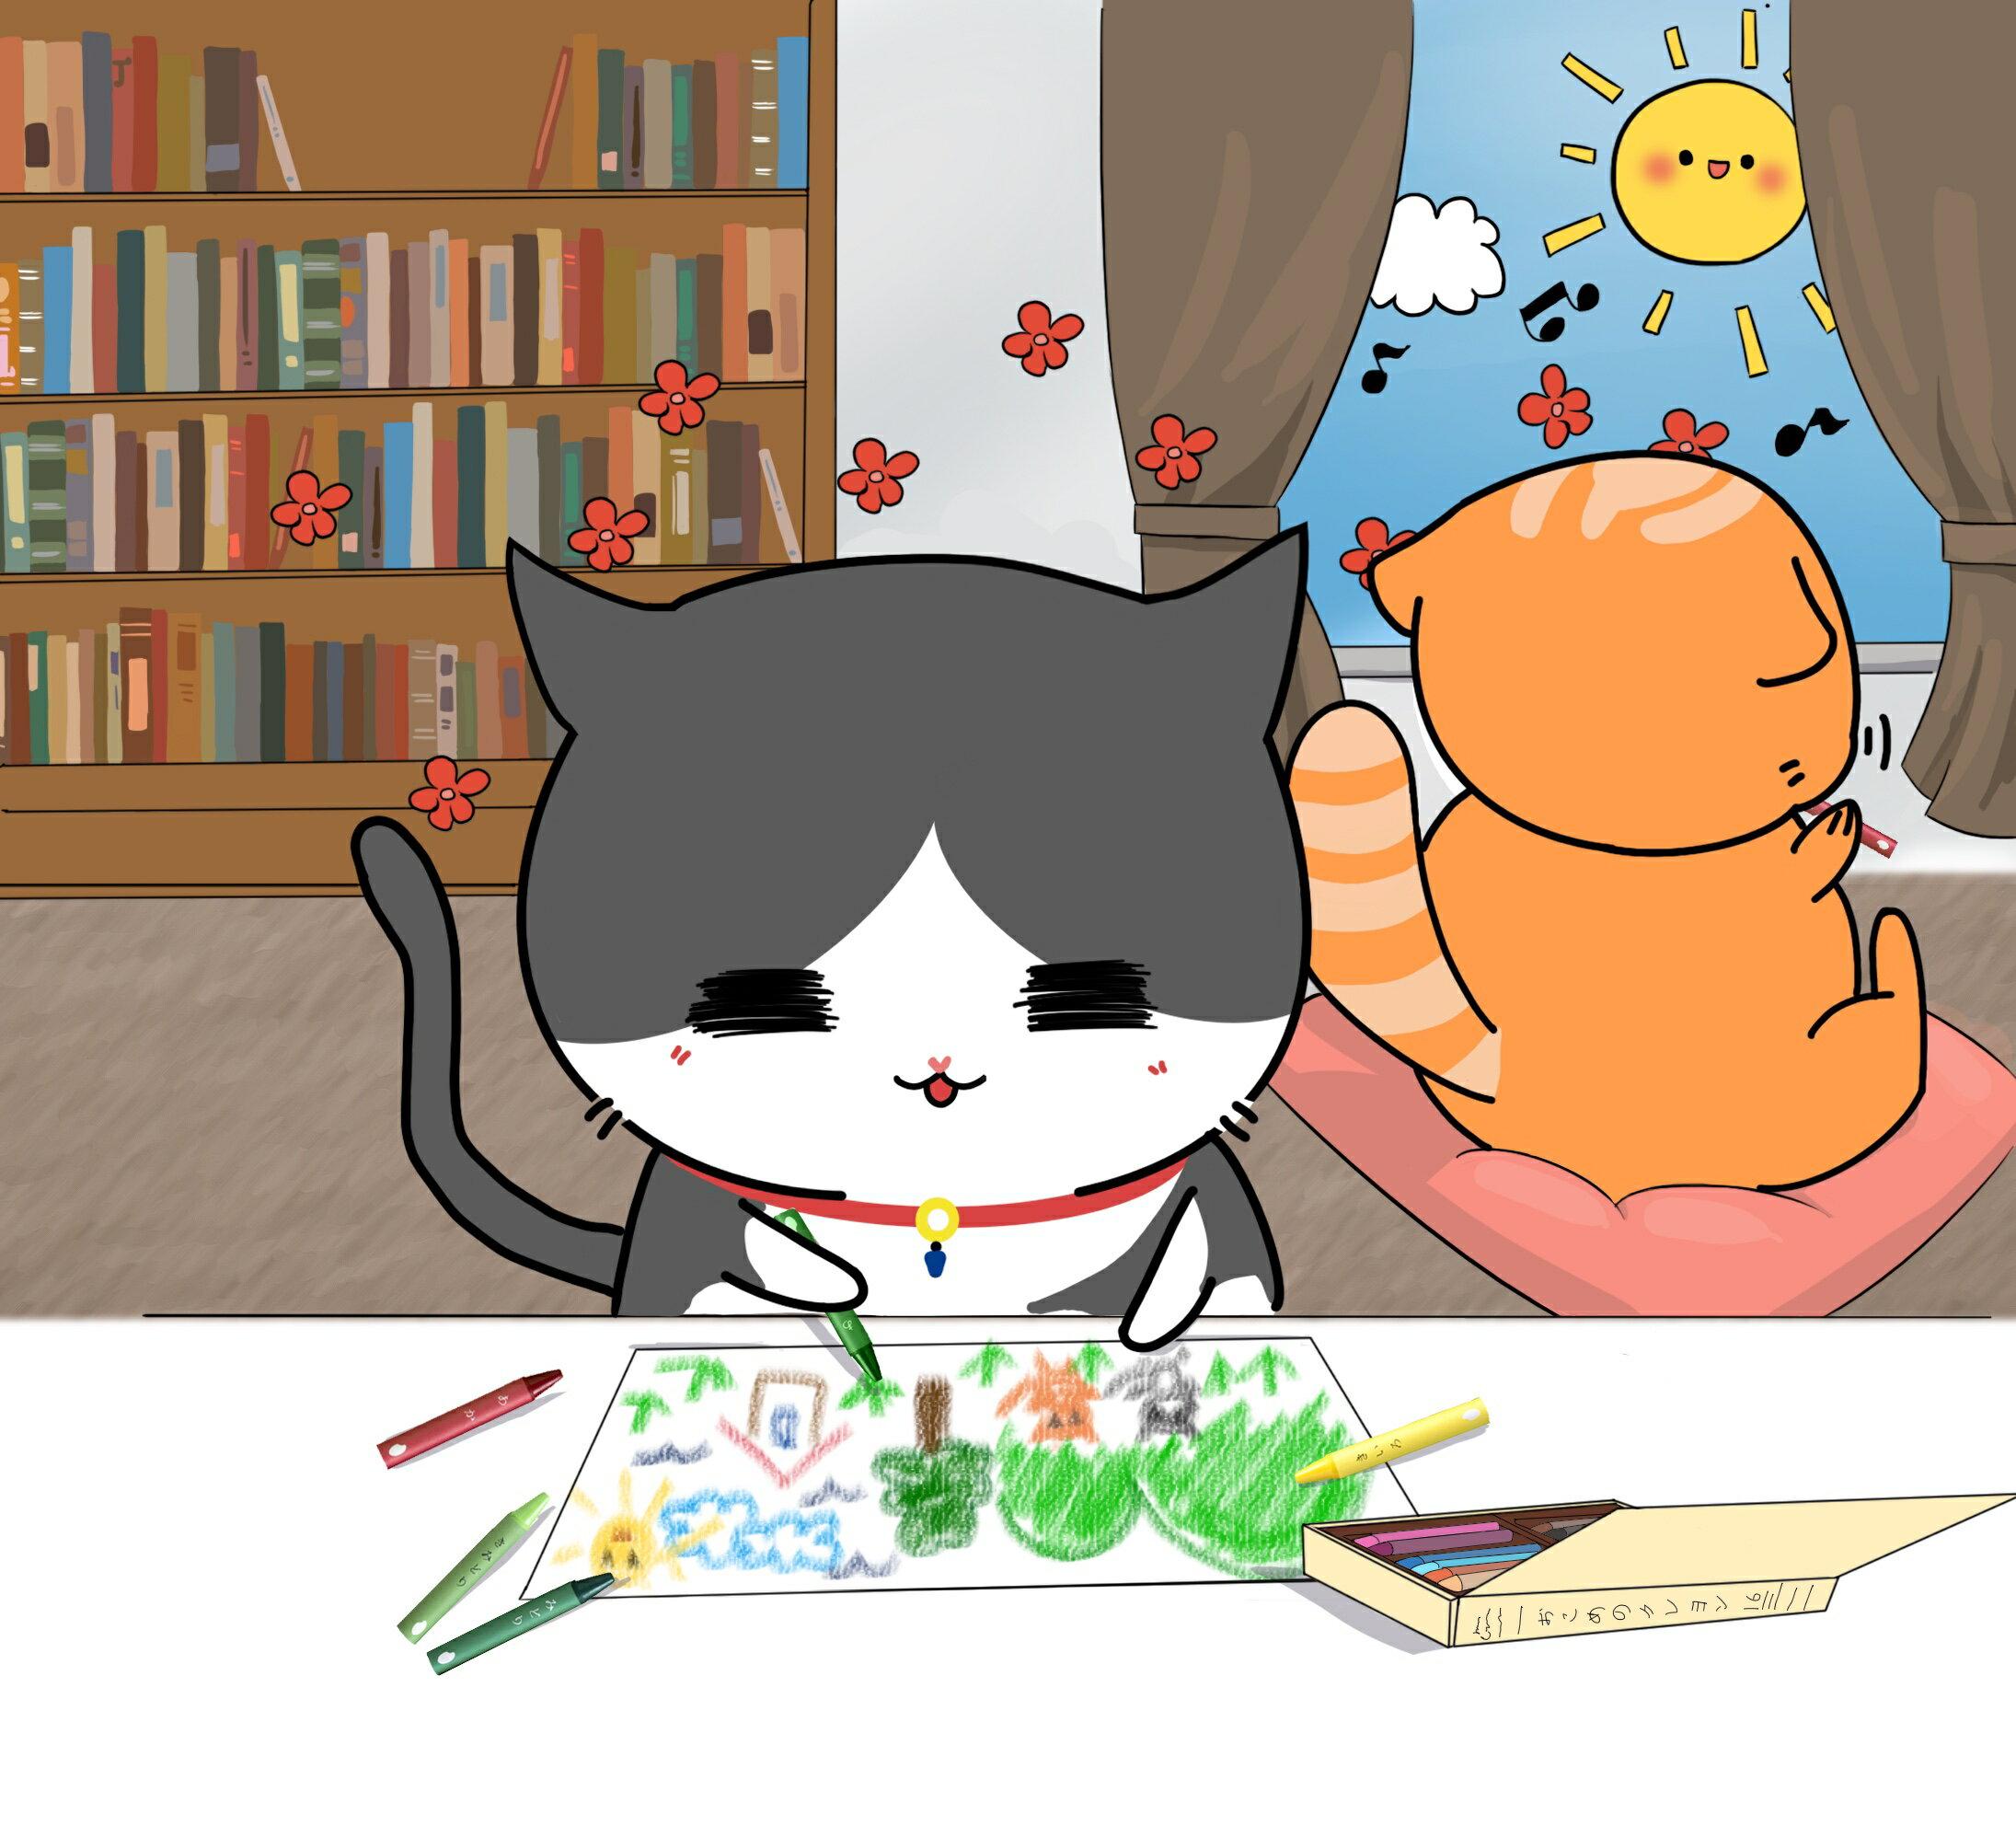 安全蠟筆 / 無毒蠟筆   日本🇯🇵進口 安全無毒米蠟筆16色 日本製 原裝原廠進口-安全蠟筆-無毒蠟筆 1